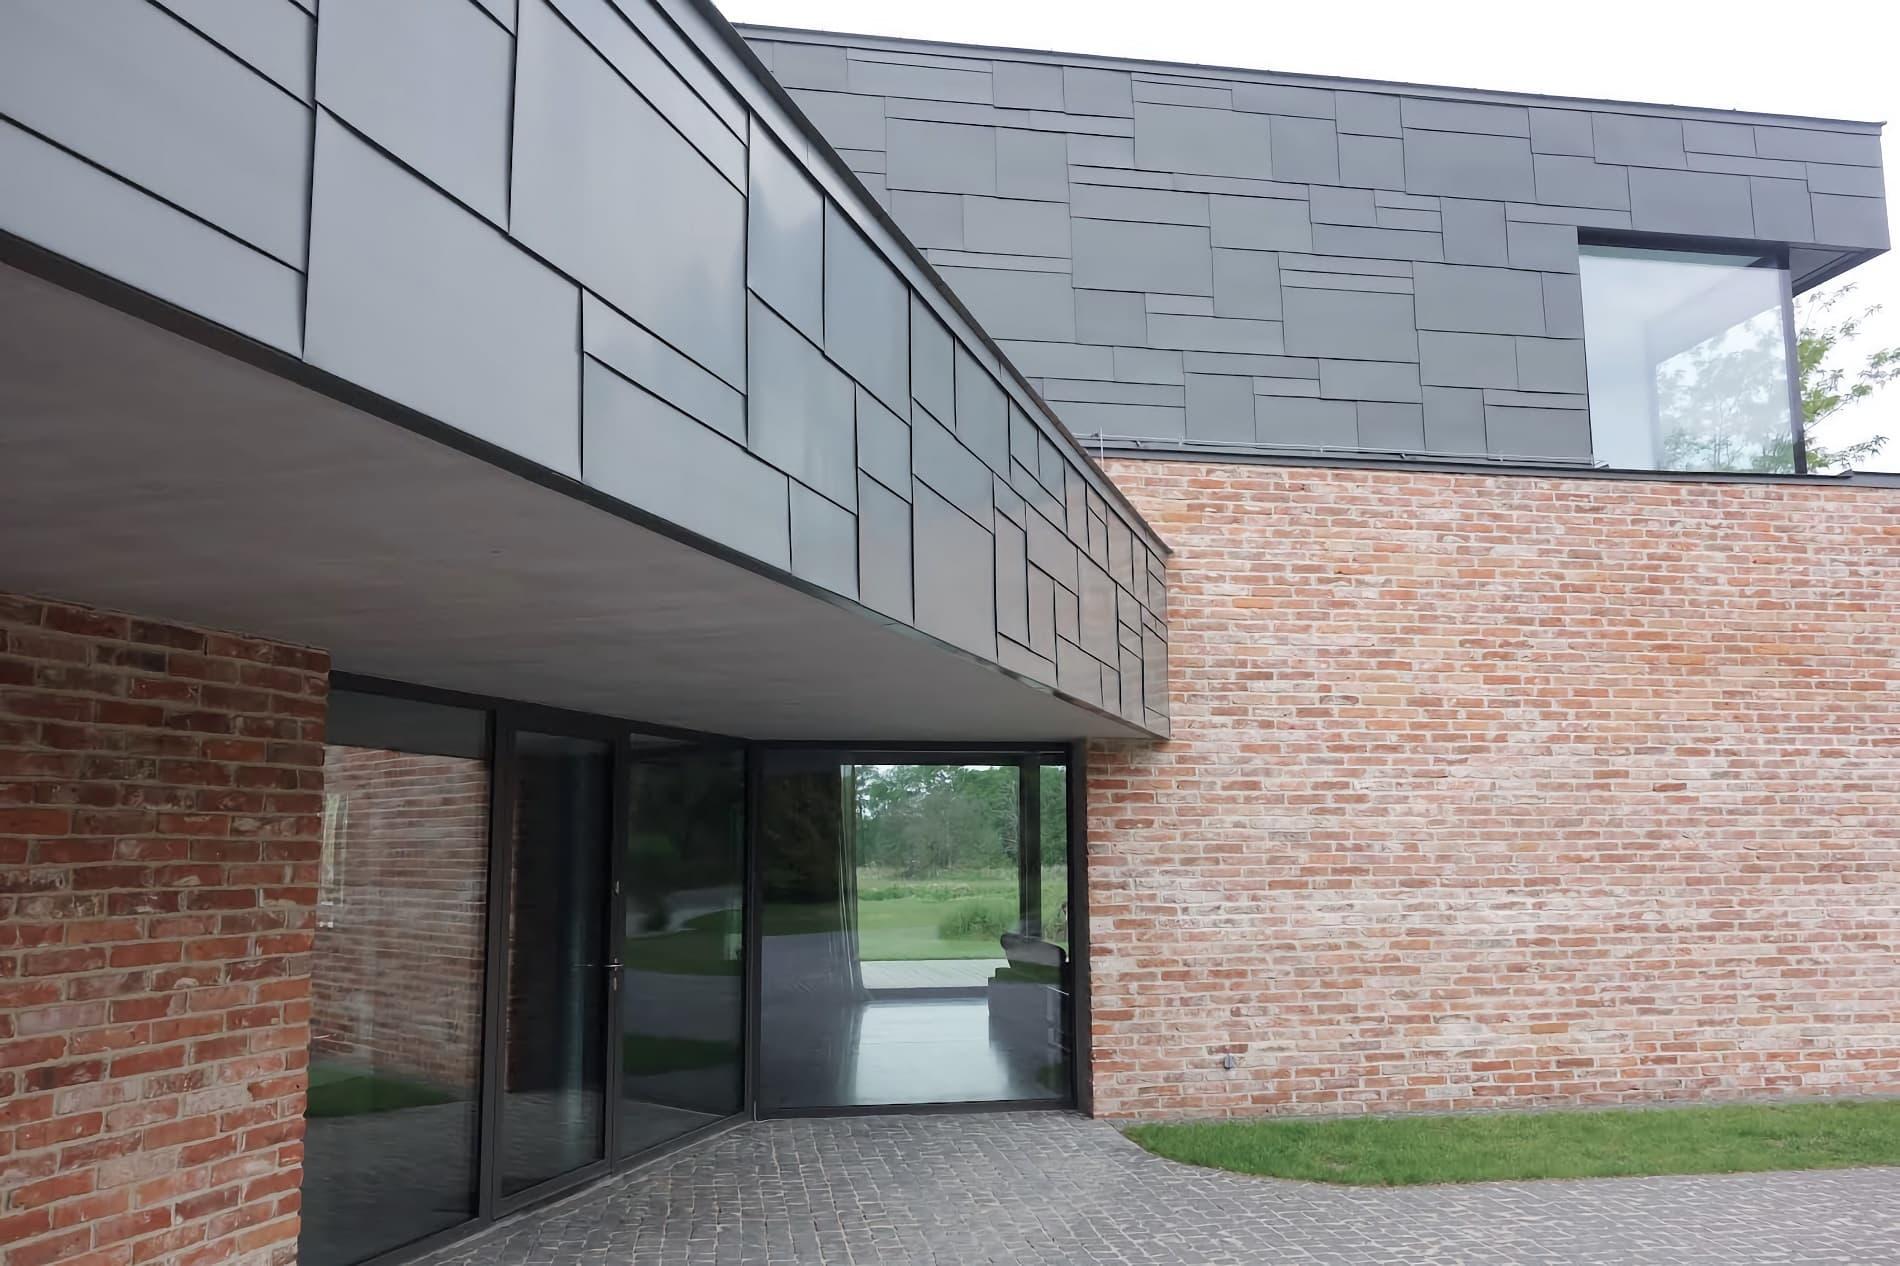 projekt architektoniczny wnętrza rezydencja pod Wrocławiem - projektowanie wnętrz Prima Wrocław (3)